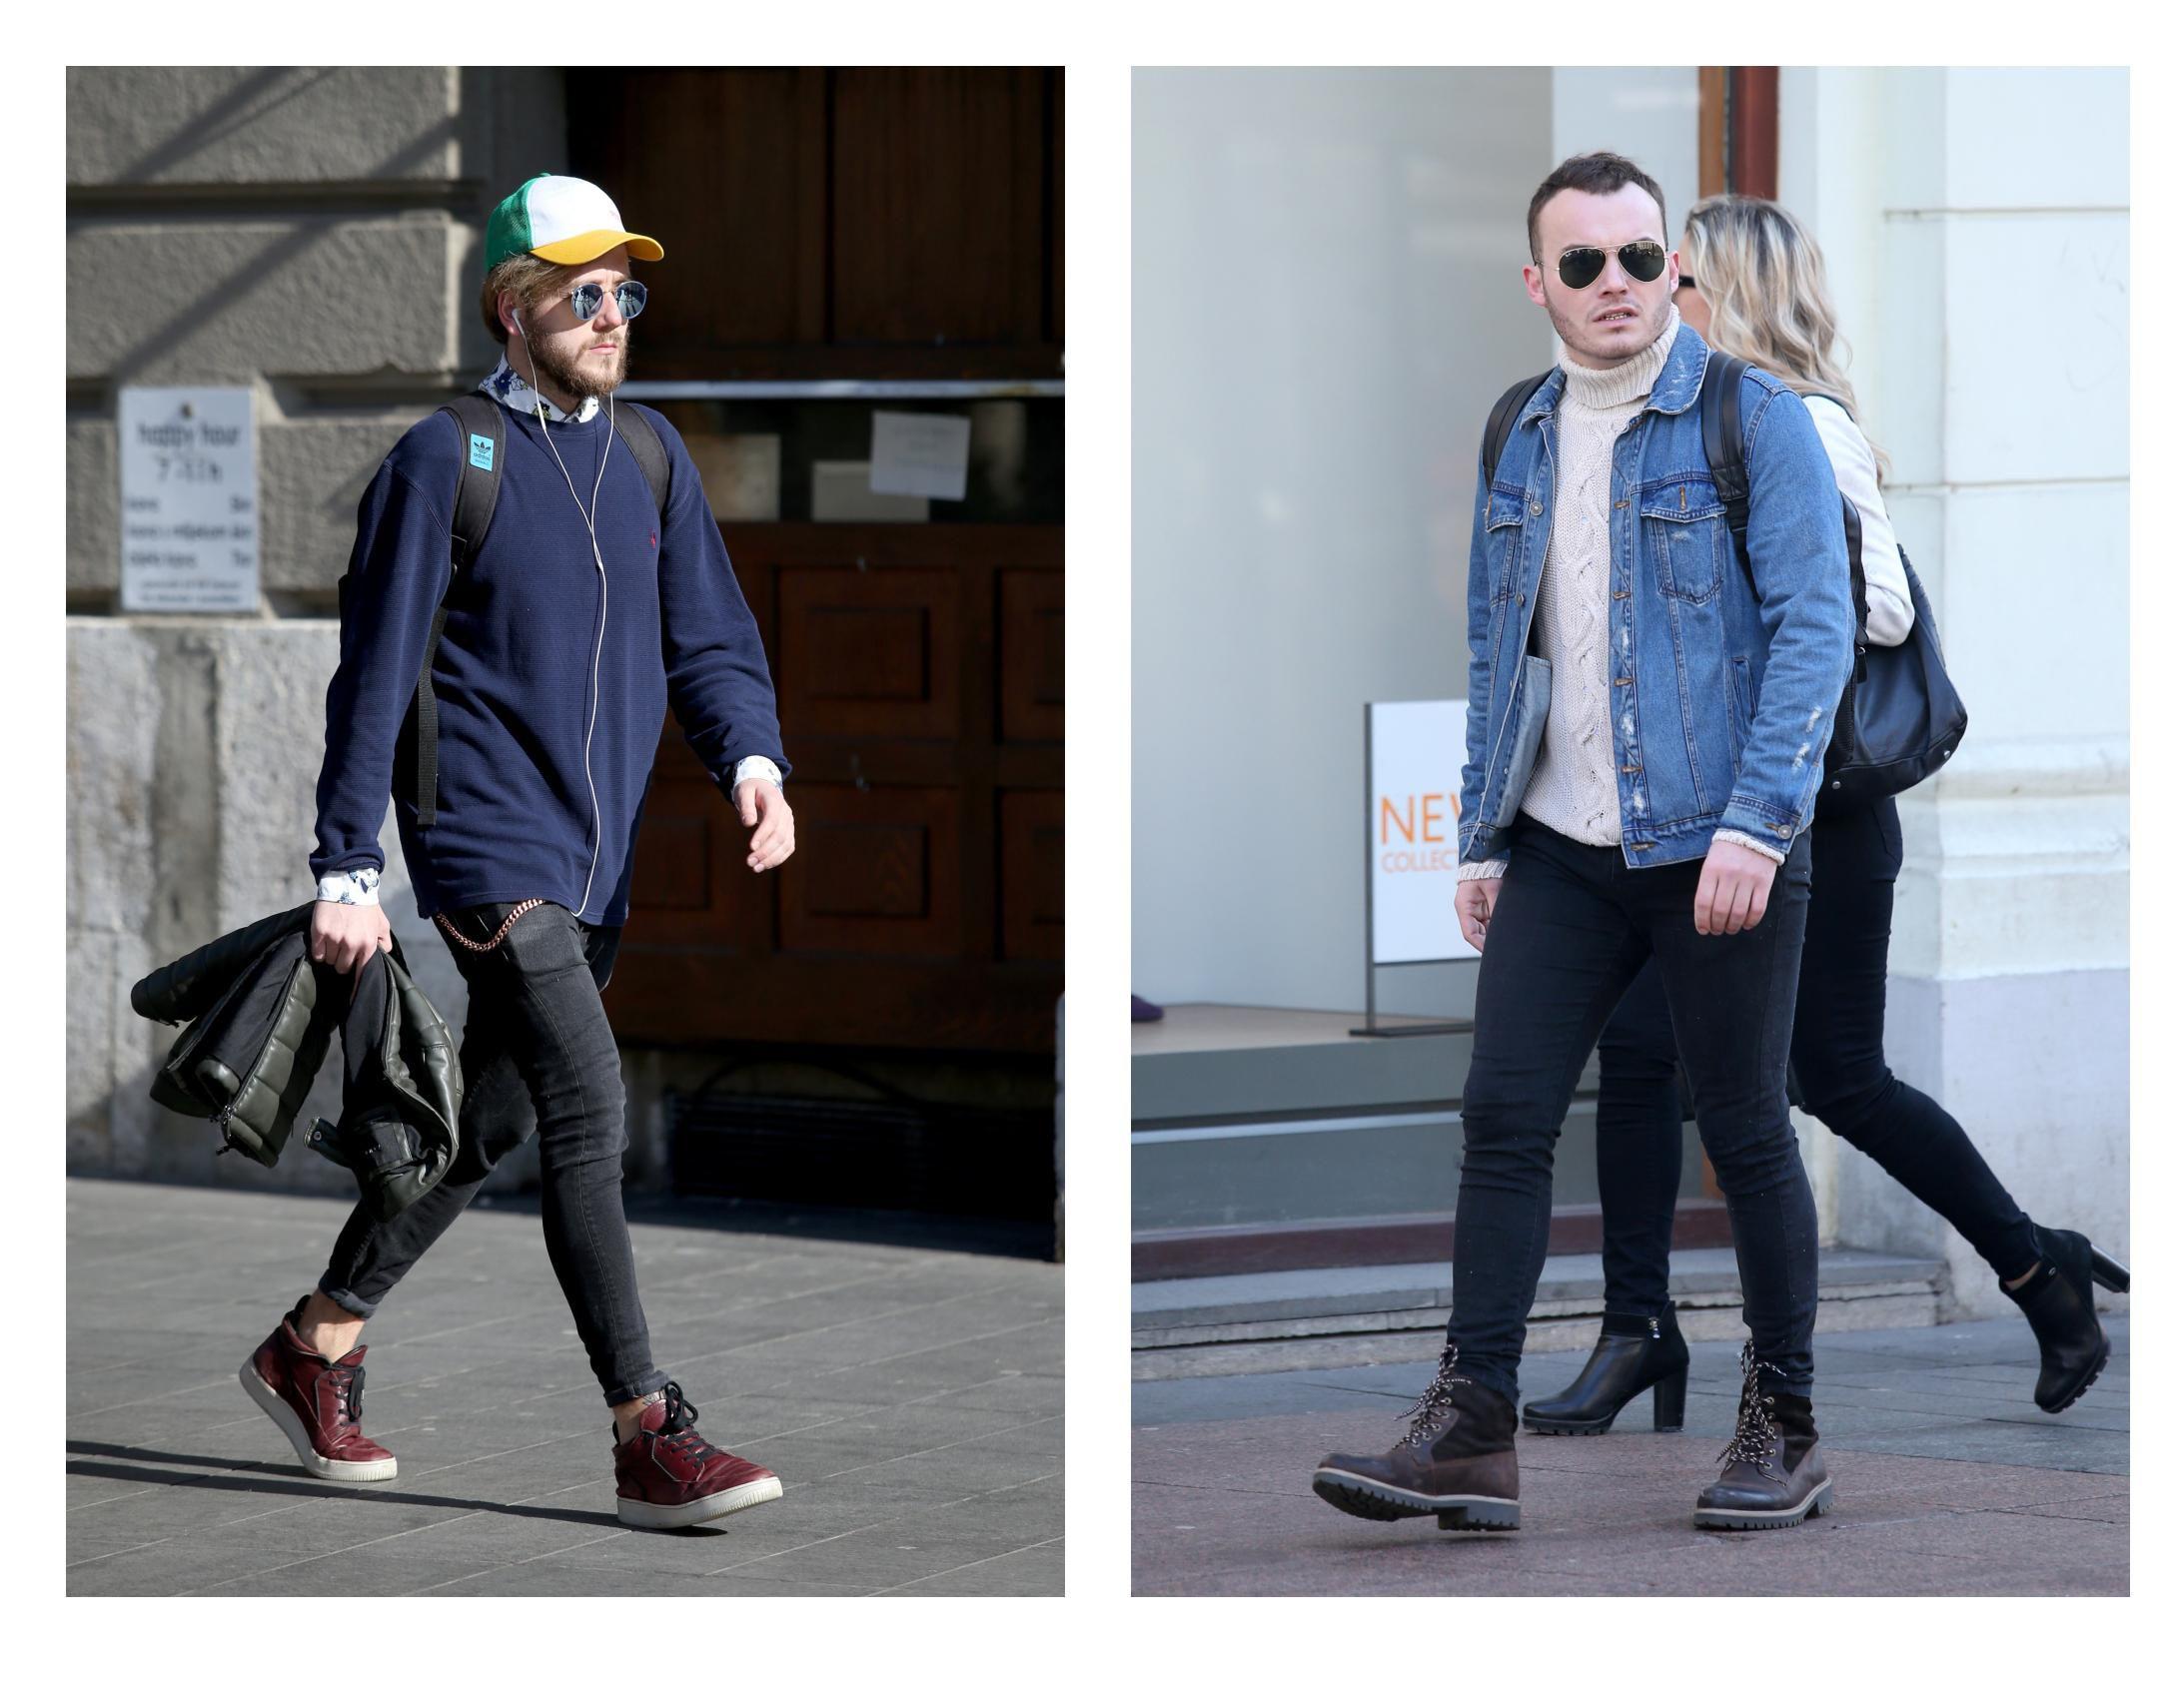 Dva frajera, dva različita outfita: Jedan u potfrknutim trapericama, a drugi u traper jakni